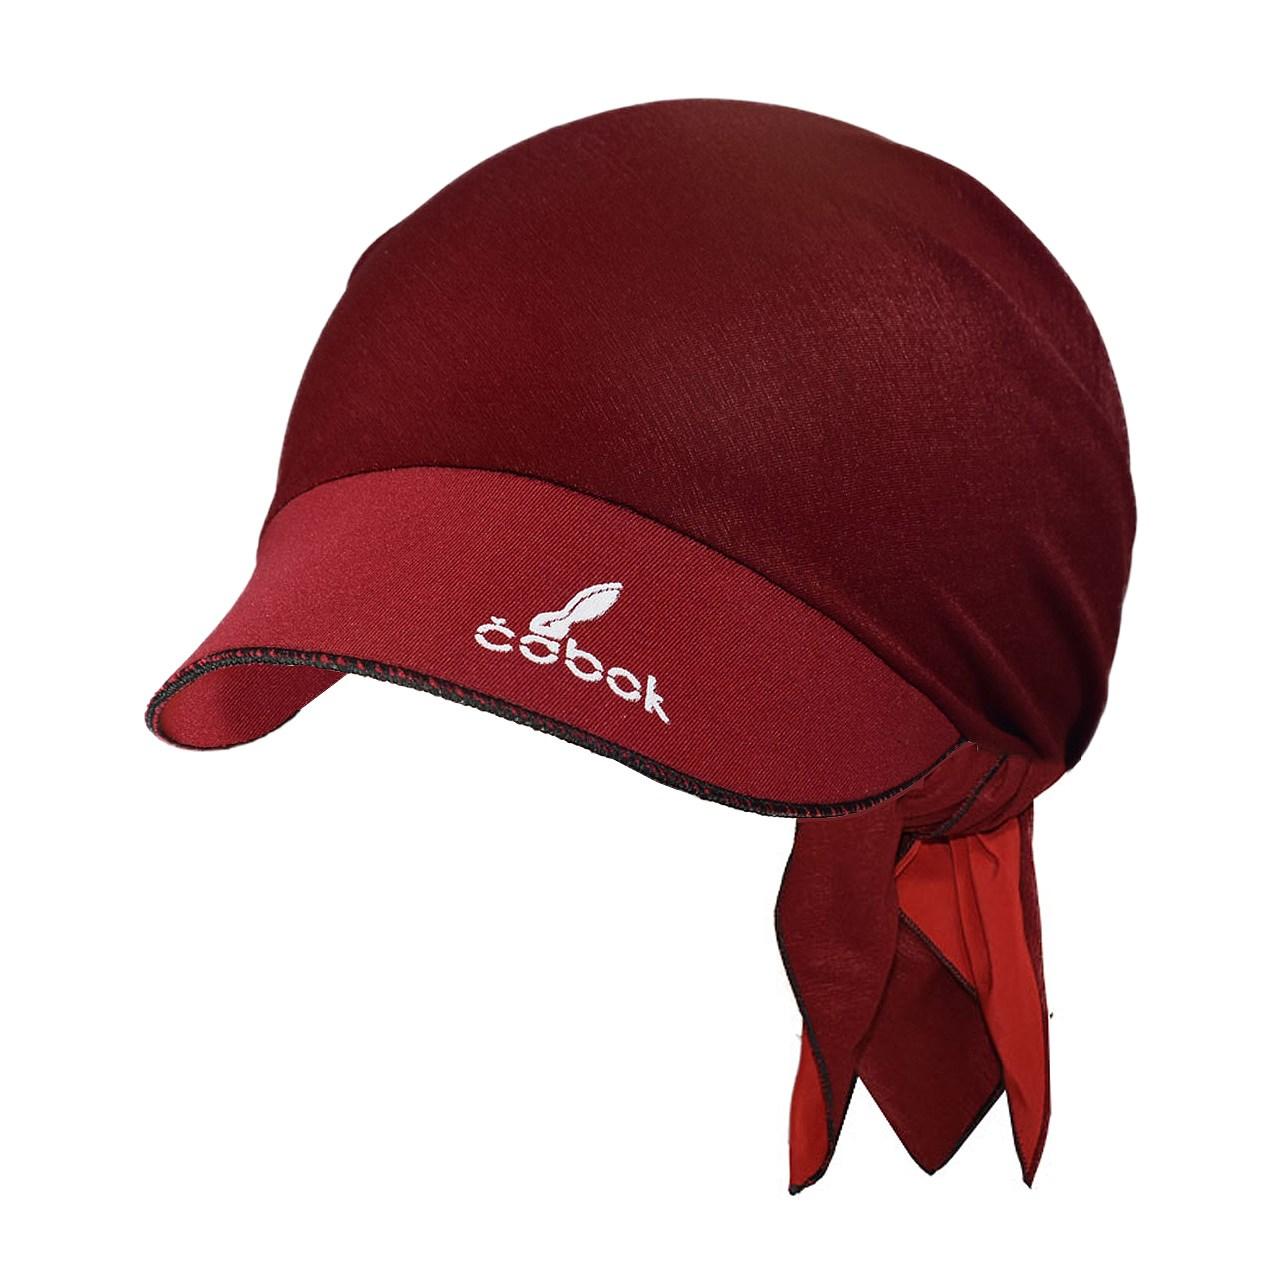 قیمت کلاه ورزشی چابوک مدل Speed Cap کد 2018C